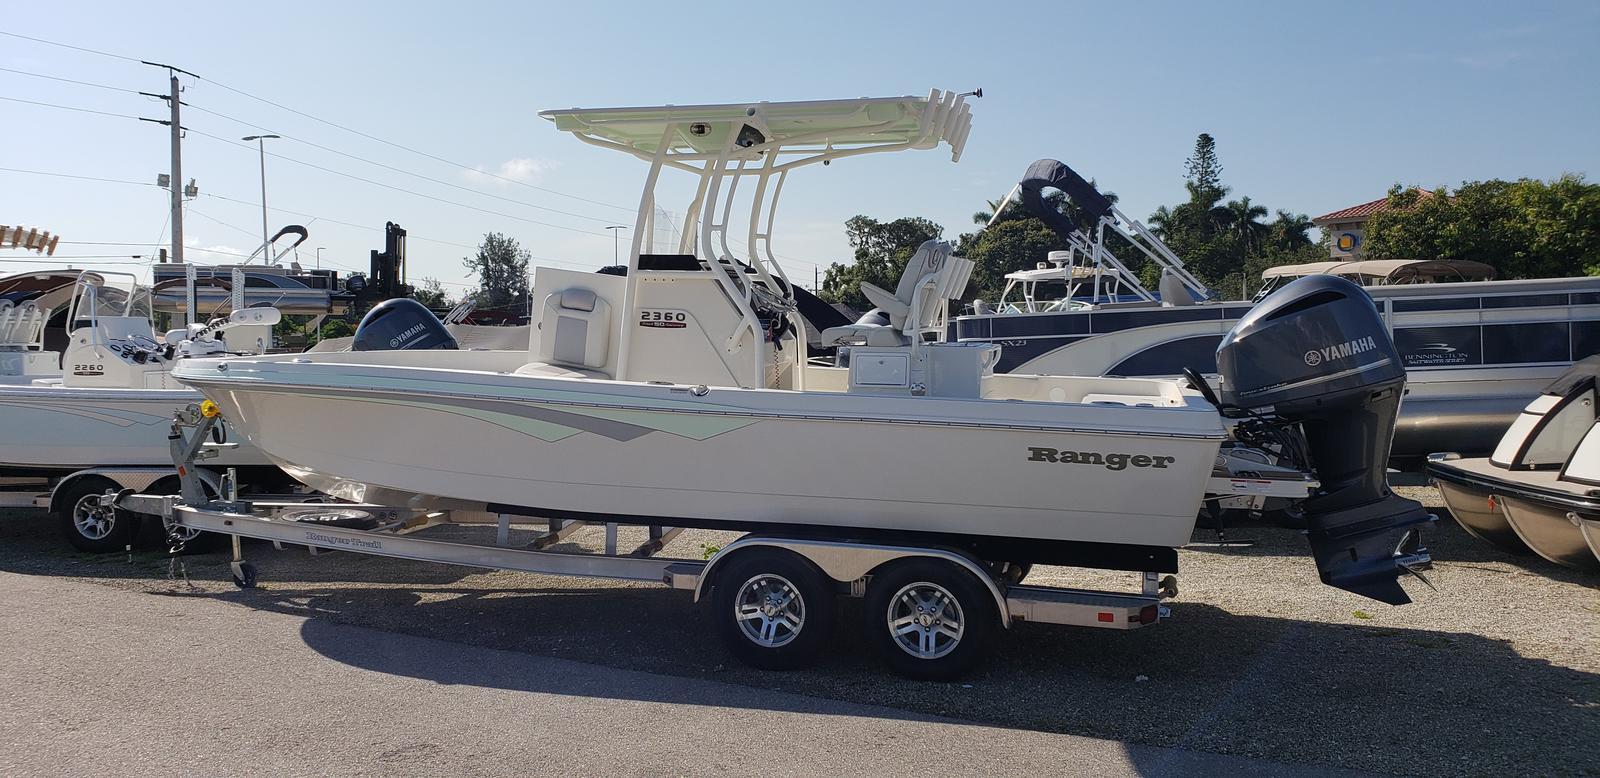 Ranger 2360